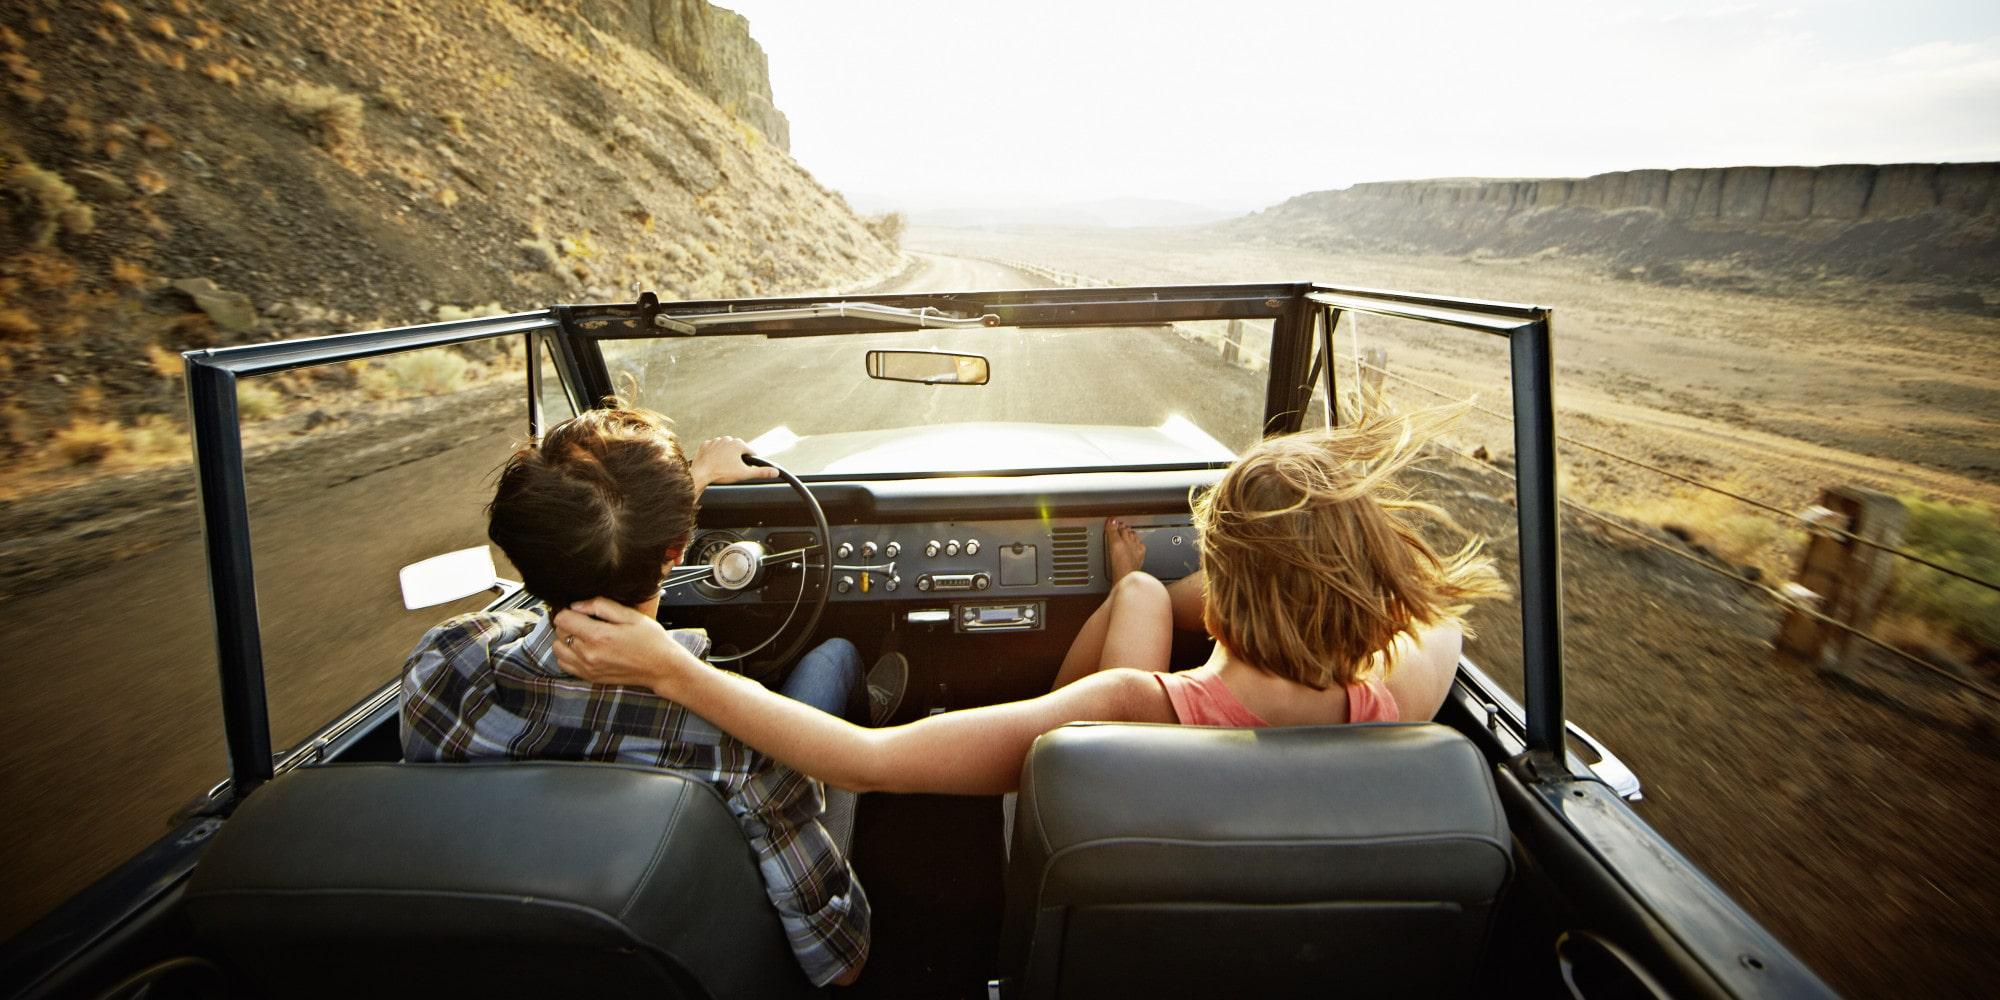 dovoz auta zo zahraničia, cestovanie, západ slnka, kúpa nového auta